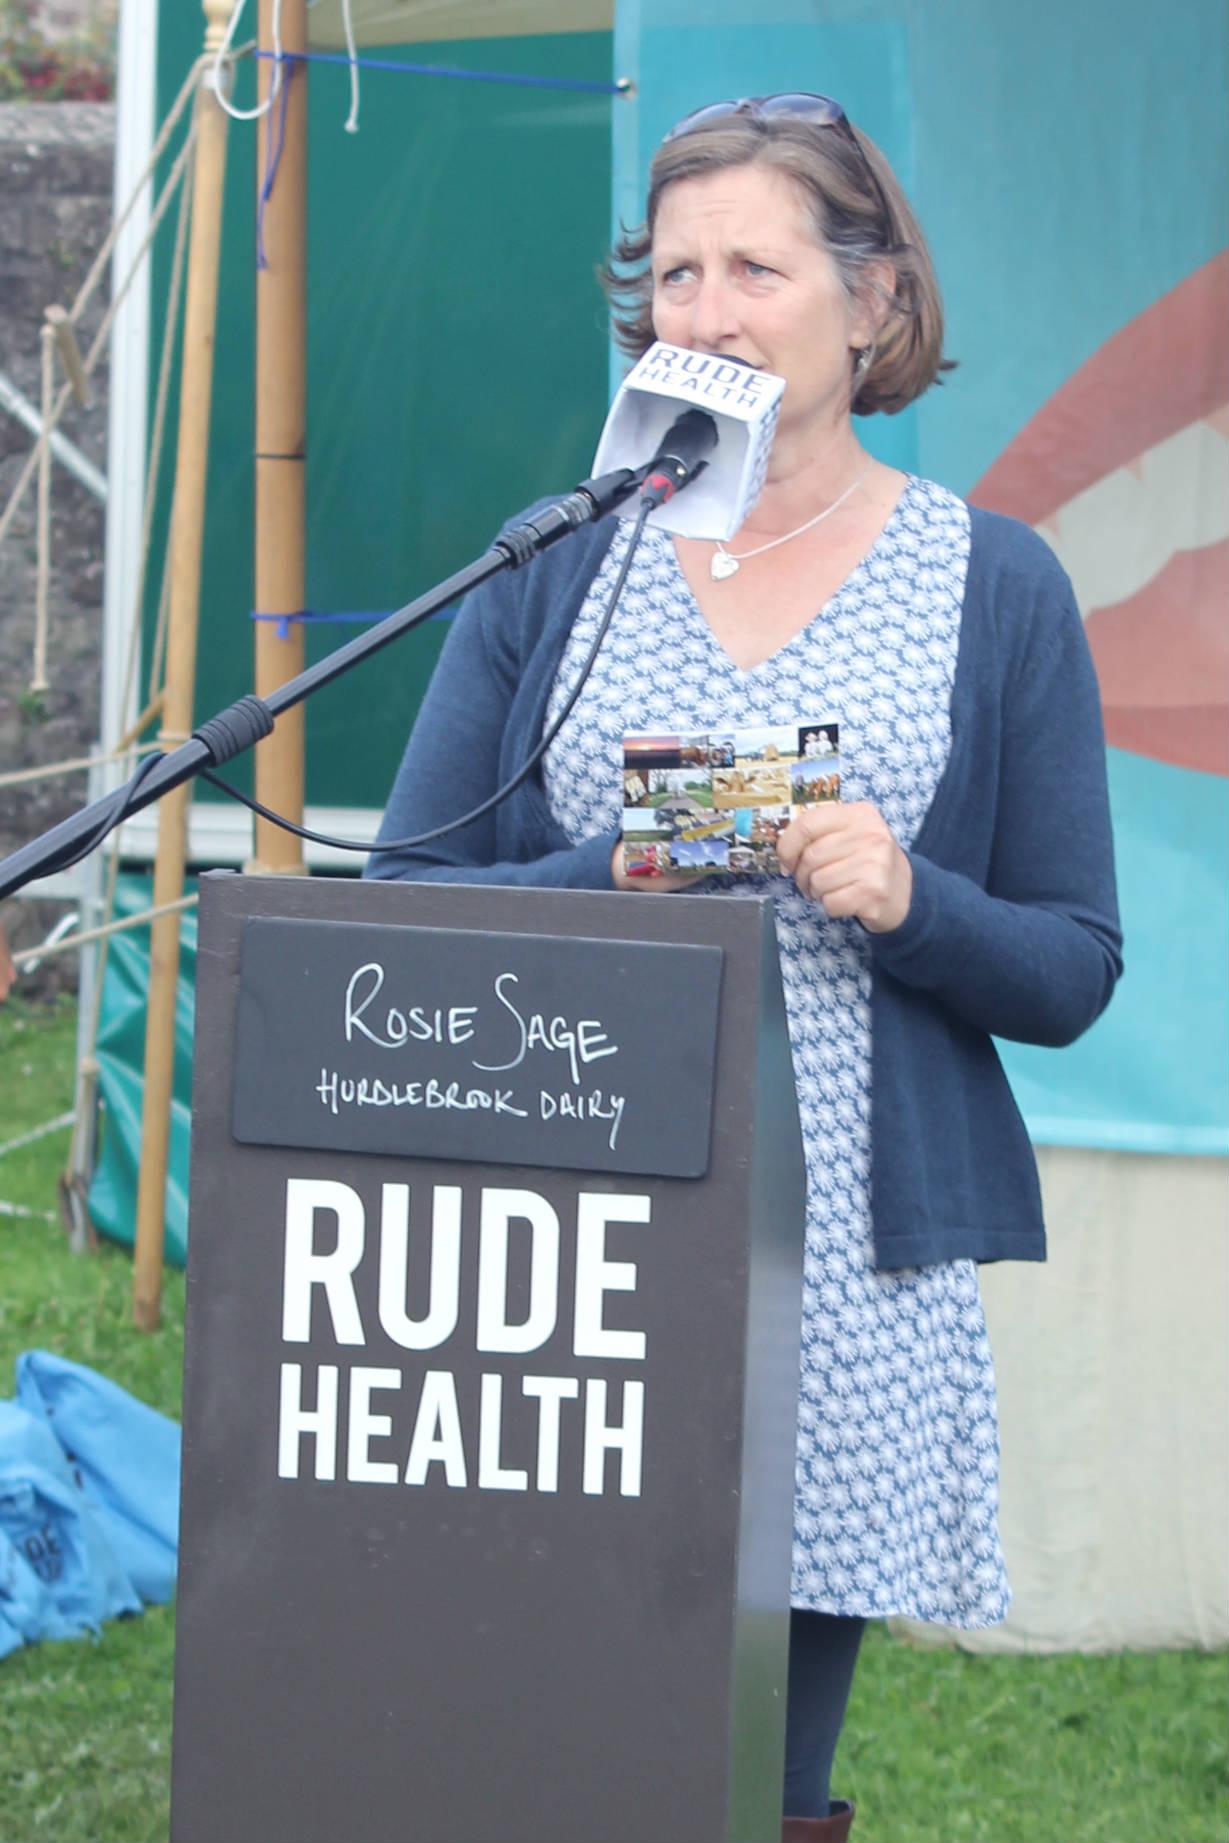 Rosie Sage of Hurdlebrook Dairy